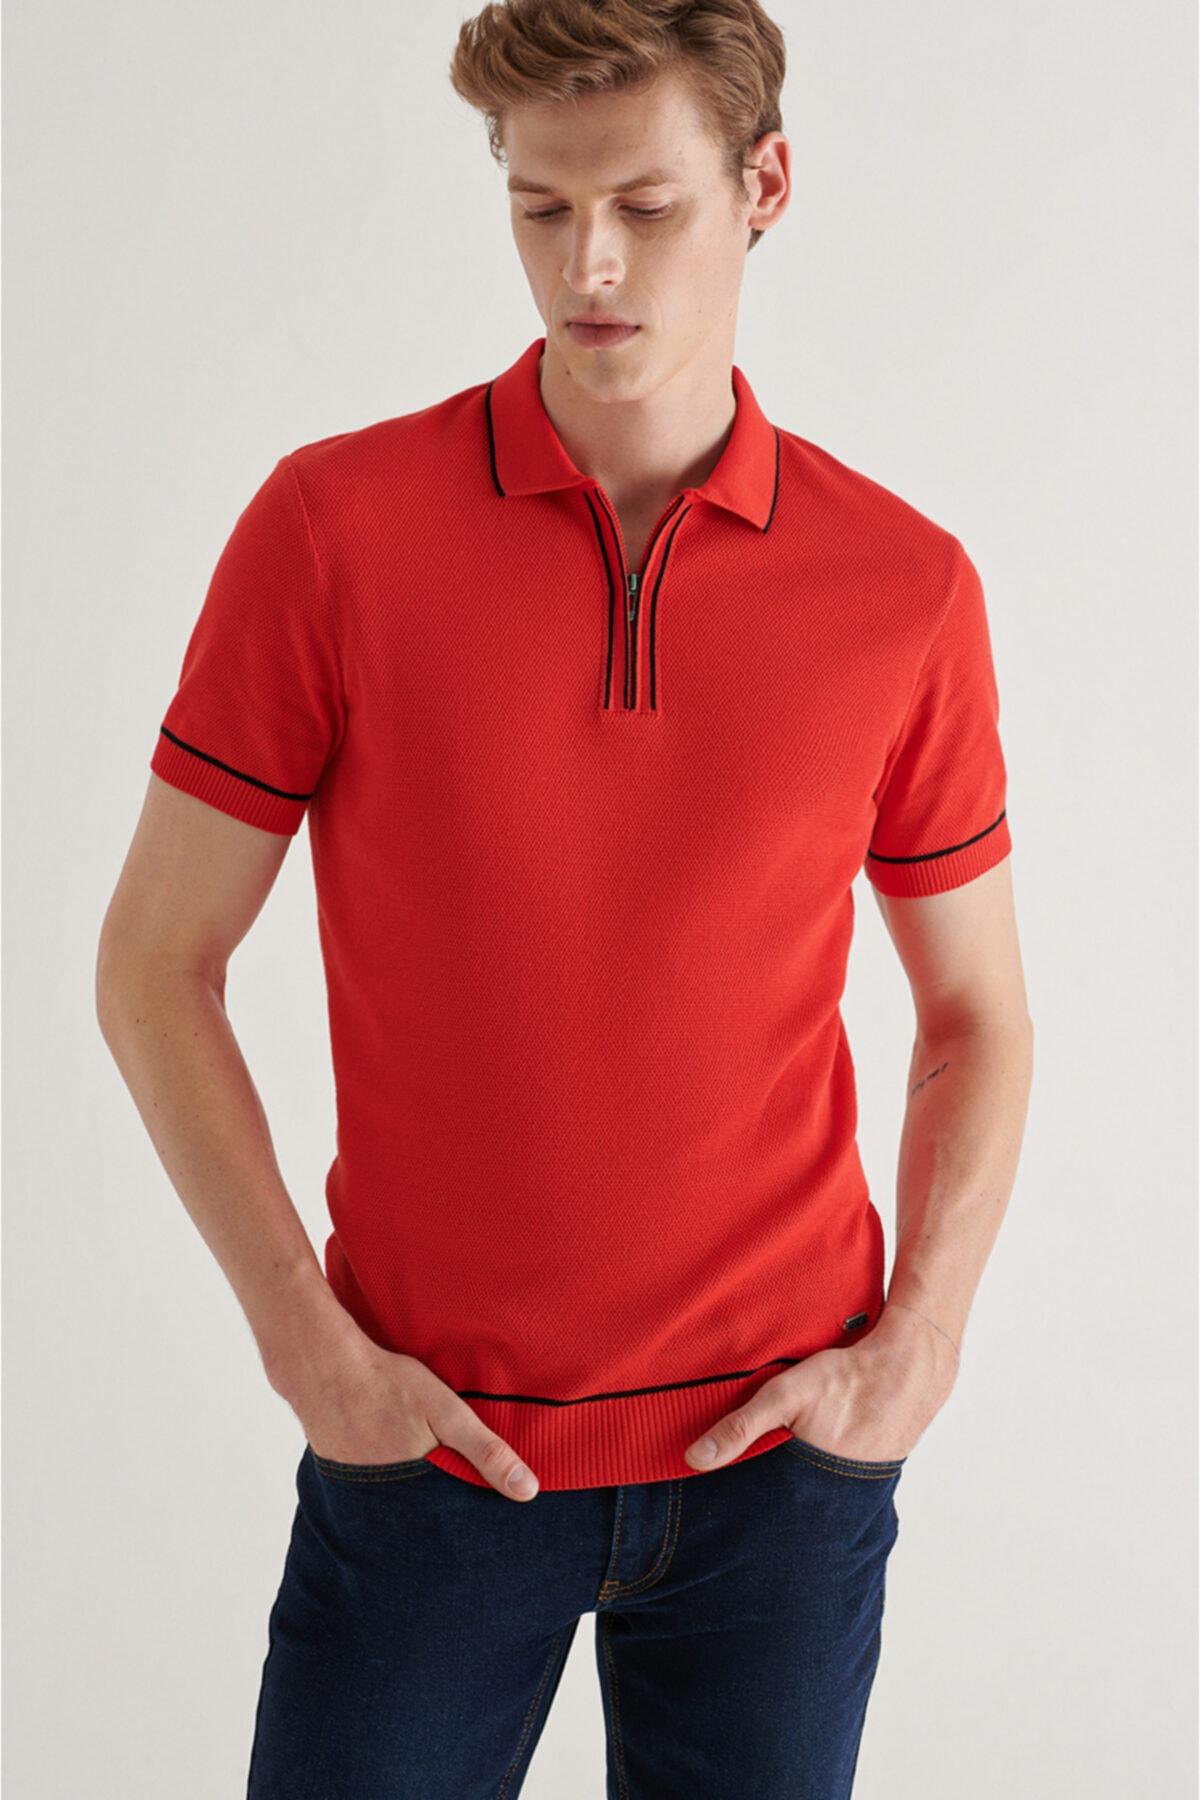 Erkek Kırmızı Polo Yaka Yarım Fermuarlı Jakarlı Kısa Kol Kazak A11y5006